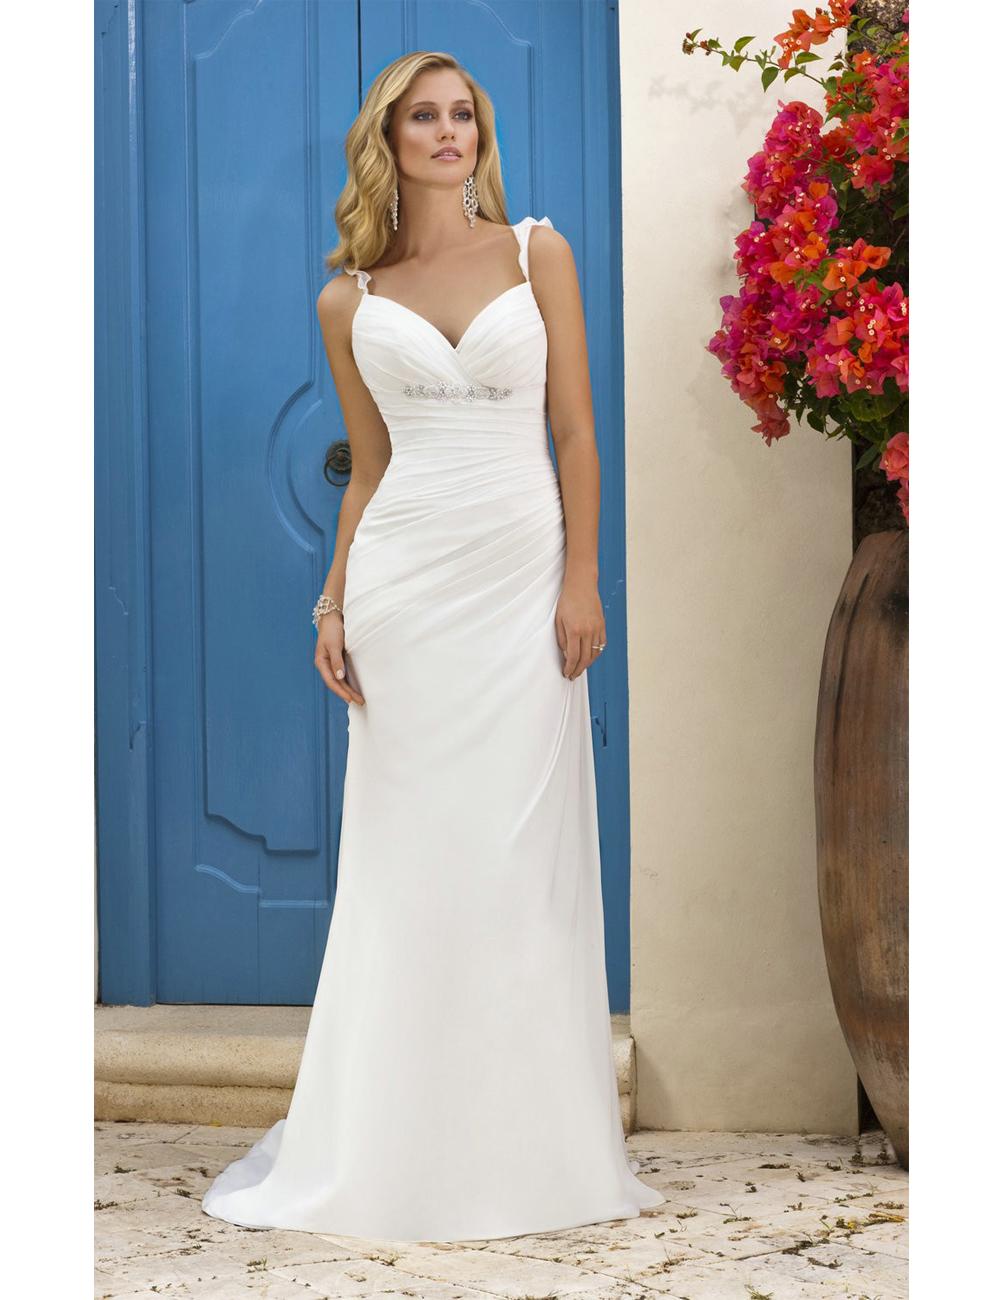 Outstanding Cheap Short White Wedding Dresses Illustration - All ...